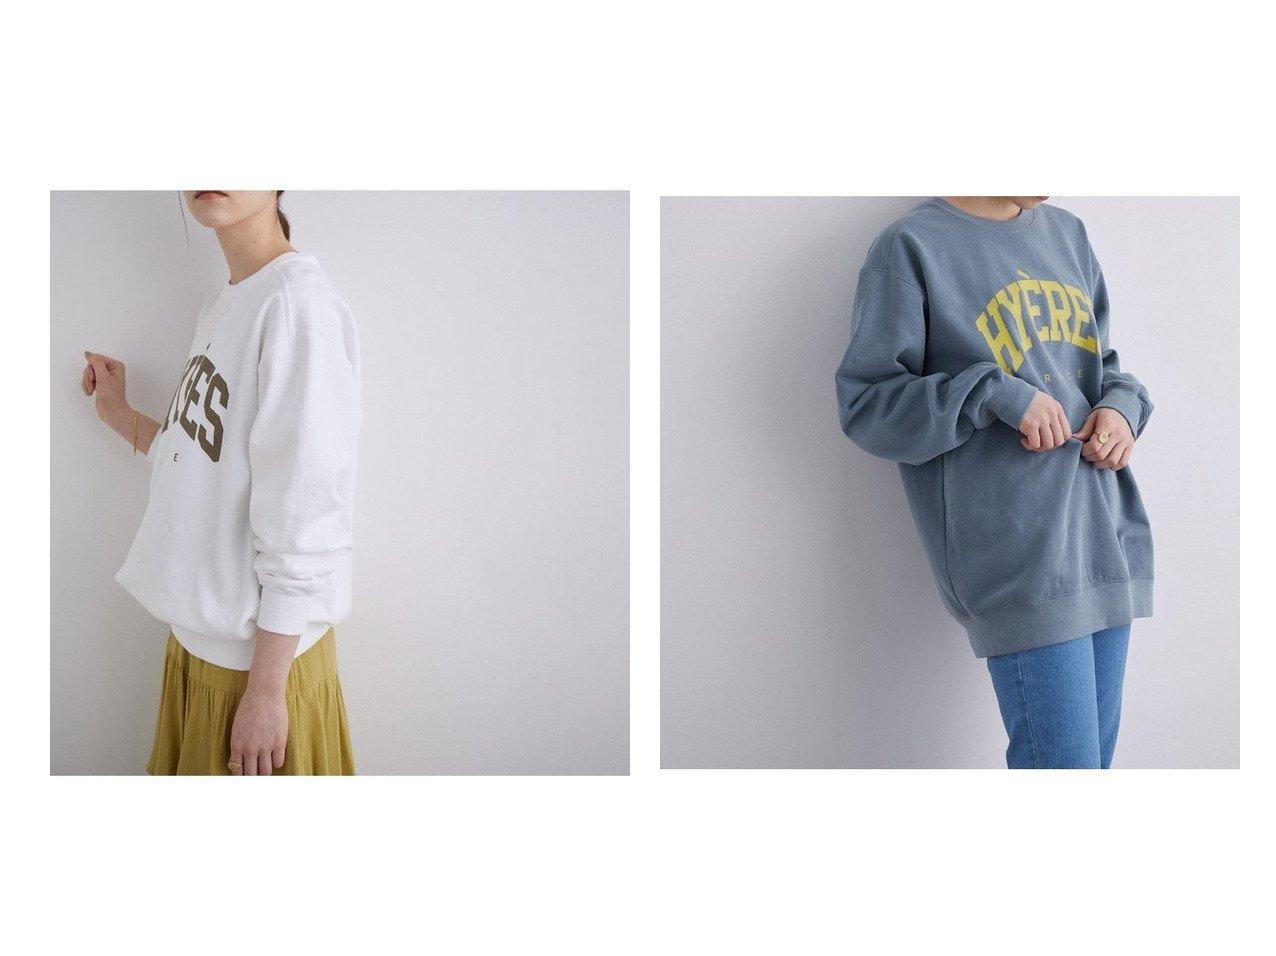 【ROPE' mademoiselle/ロペ マドモアゼル】のヴィンテージライクロゴビッグスウェット ロペのおすすめ!人気、トレンド・レディースファッションの通販  おすすめで人気の流行・トレンド、ファッションの通販商品 メンズファッション・キッズファッション・インテリア・家具・レディースファッション・服の通販 founy(ファニー) https://founy.com/ ファッション Fashion レディースファッション WOMEN トップス カットソー Tops Tshirt パーカ Sweats スウェット Sweat カットソー Cut and Sewn カットソー ギャザー スウェット ティアード トレンド ビッグ フランス プリント ボトム ポケット |ID:crp329100000021018